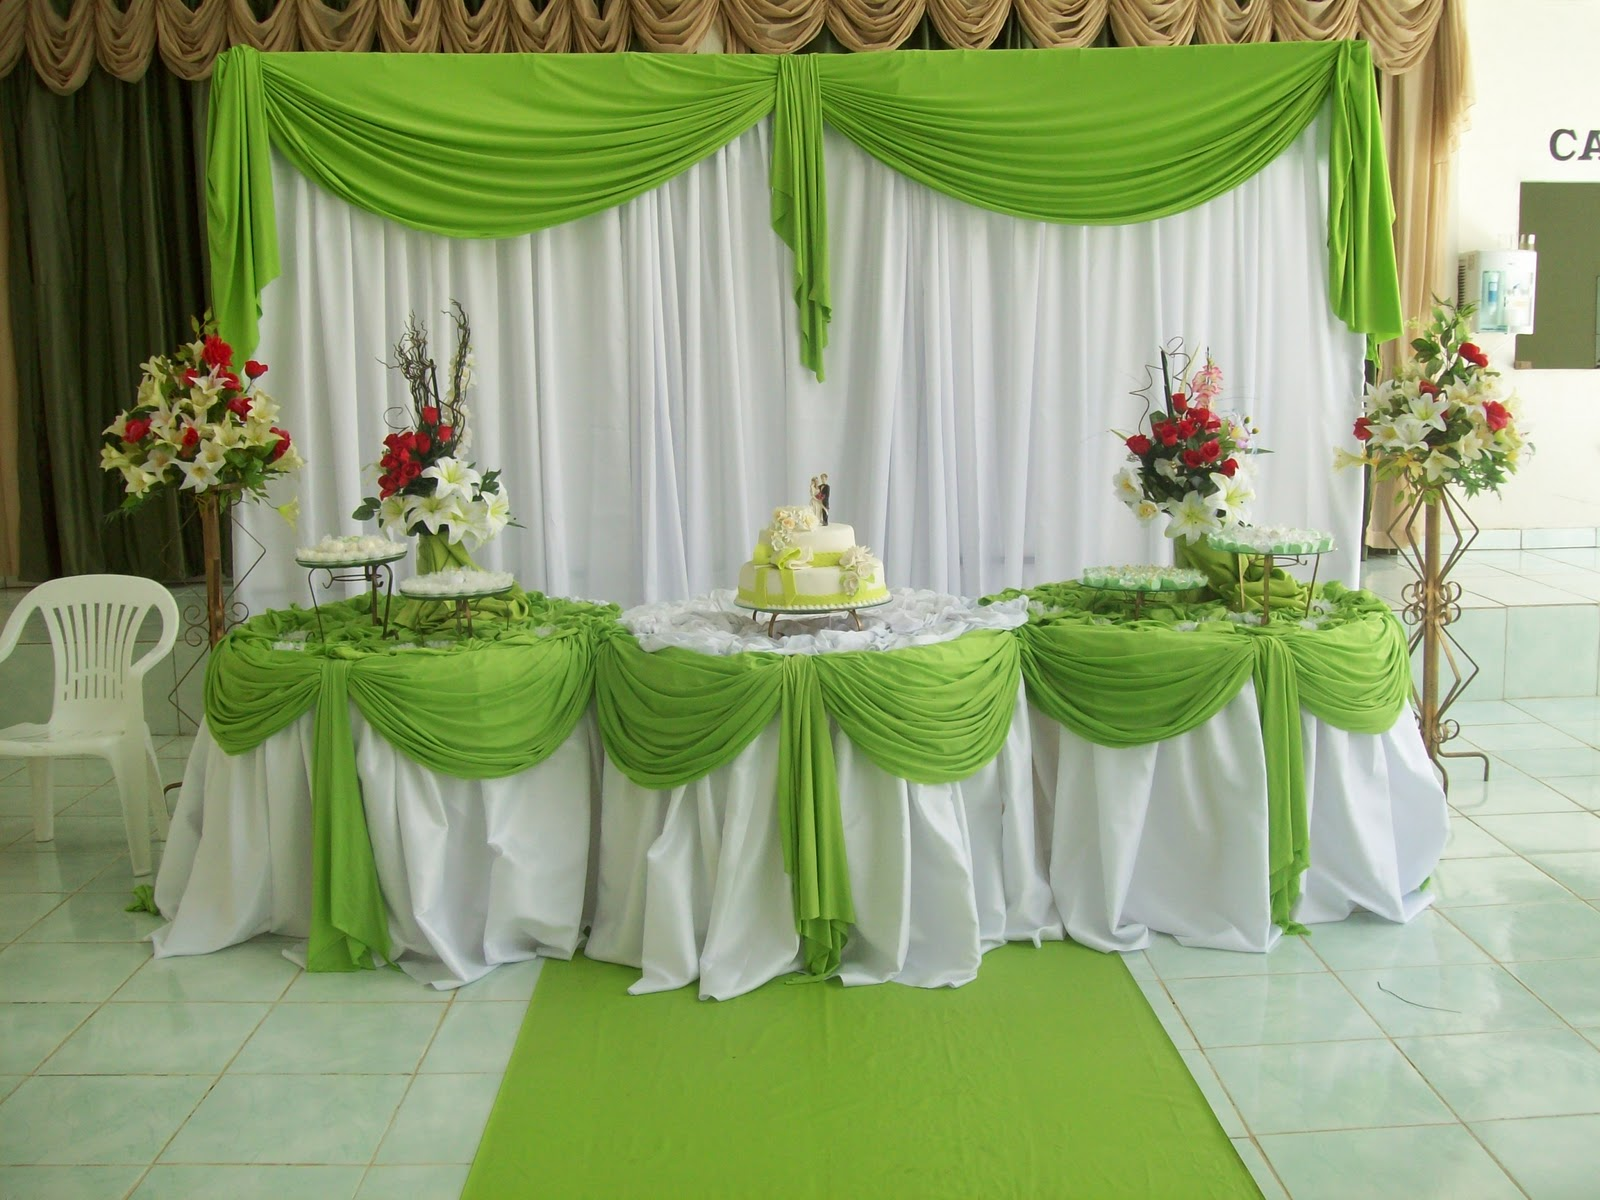 decoracao branca e verde para casamento : decoracao branca e verde para casamento:Aline Decorações: Casamento – Verde Limão .